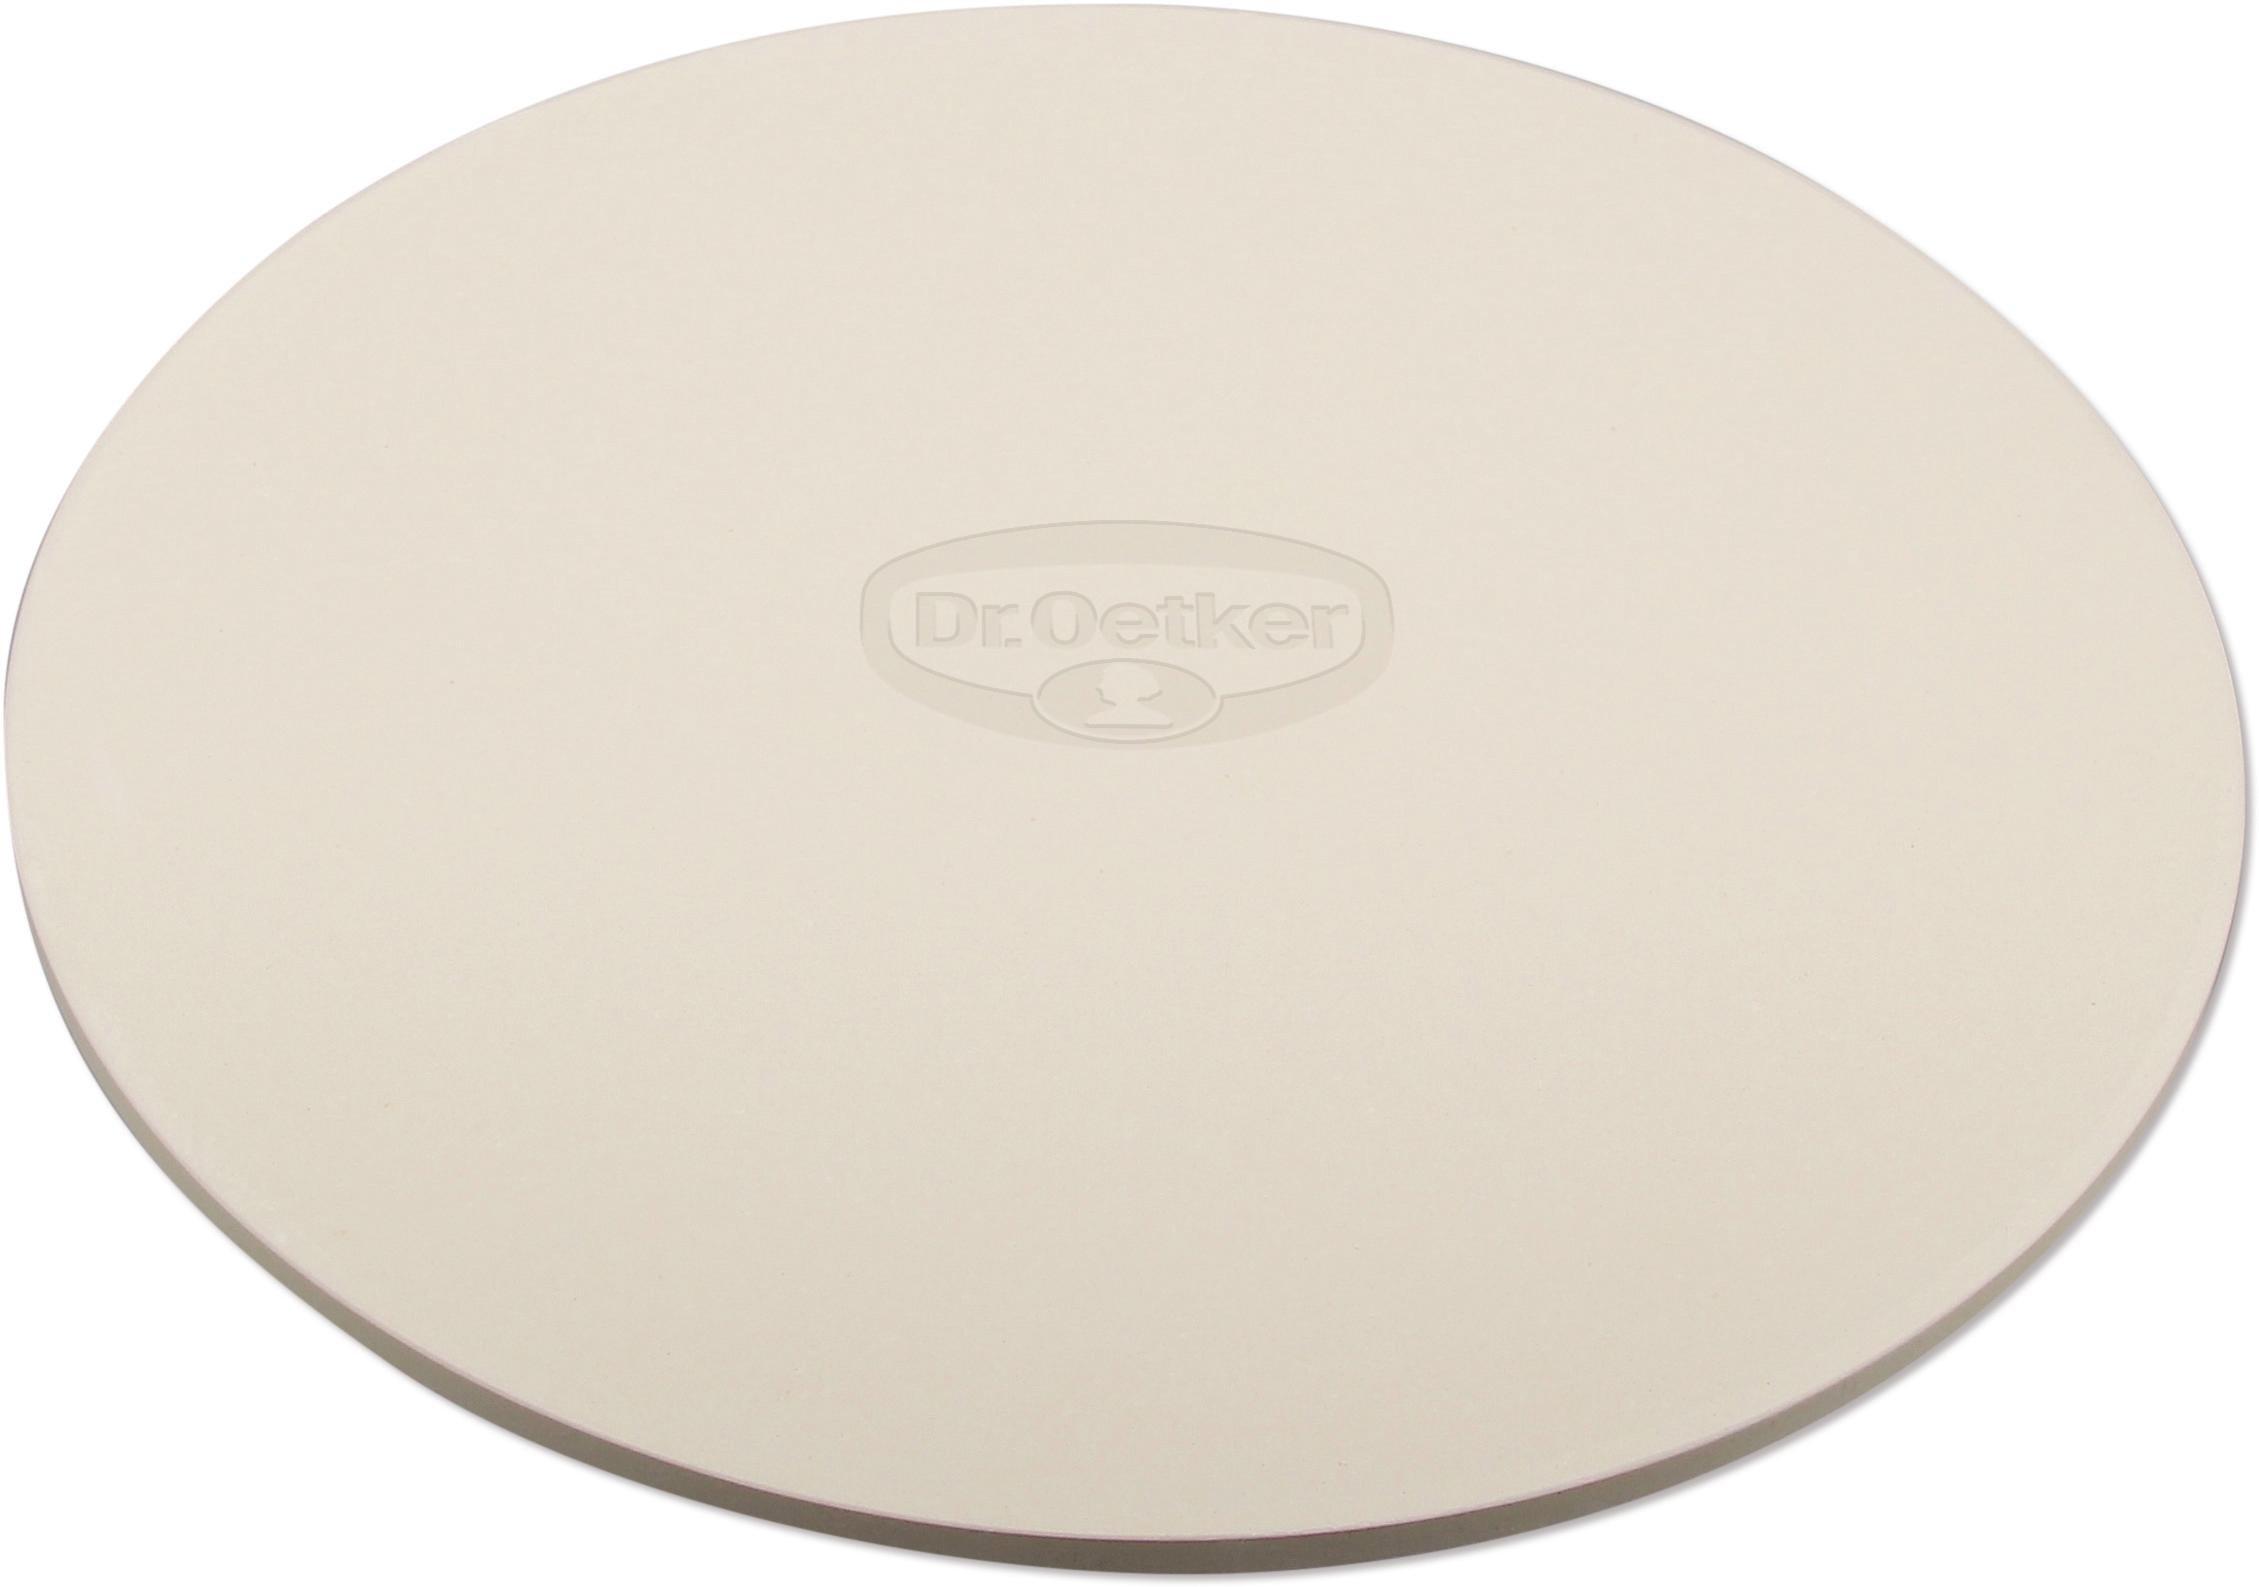 Dr. Oetker bak- en pizzasteen, Ø 33 cm veilig op otto.nl kopen